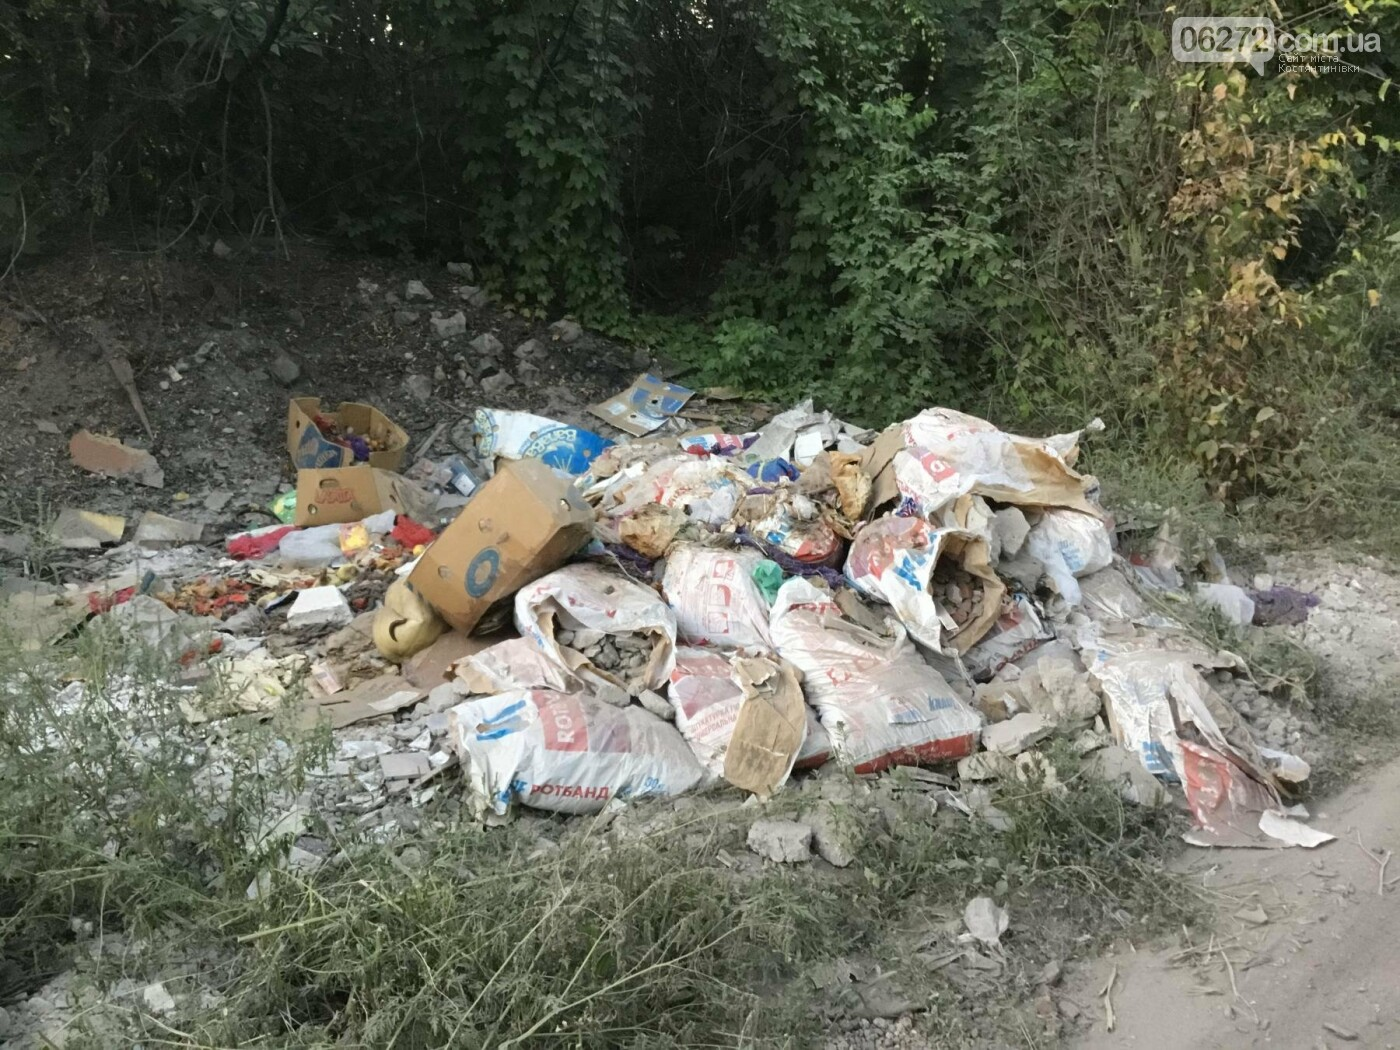 Как константиновцы экономят на вывозе мусора, фото-7